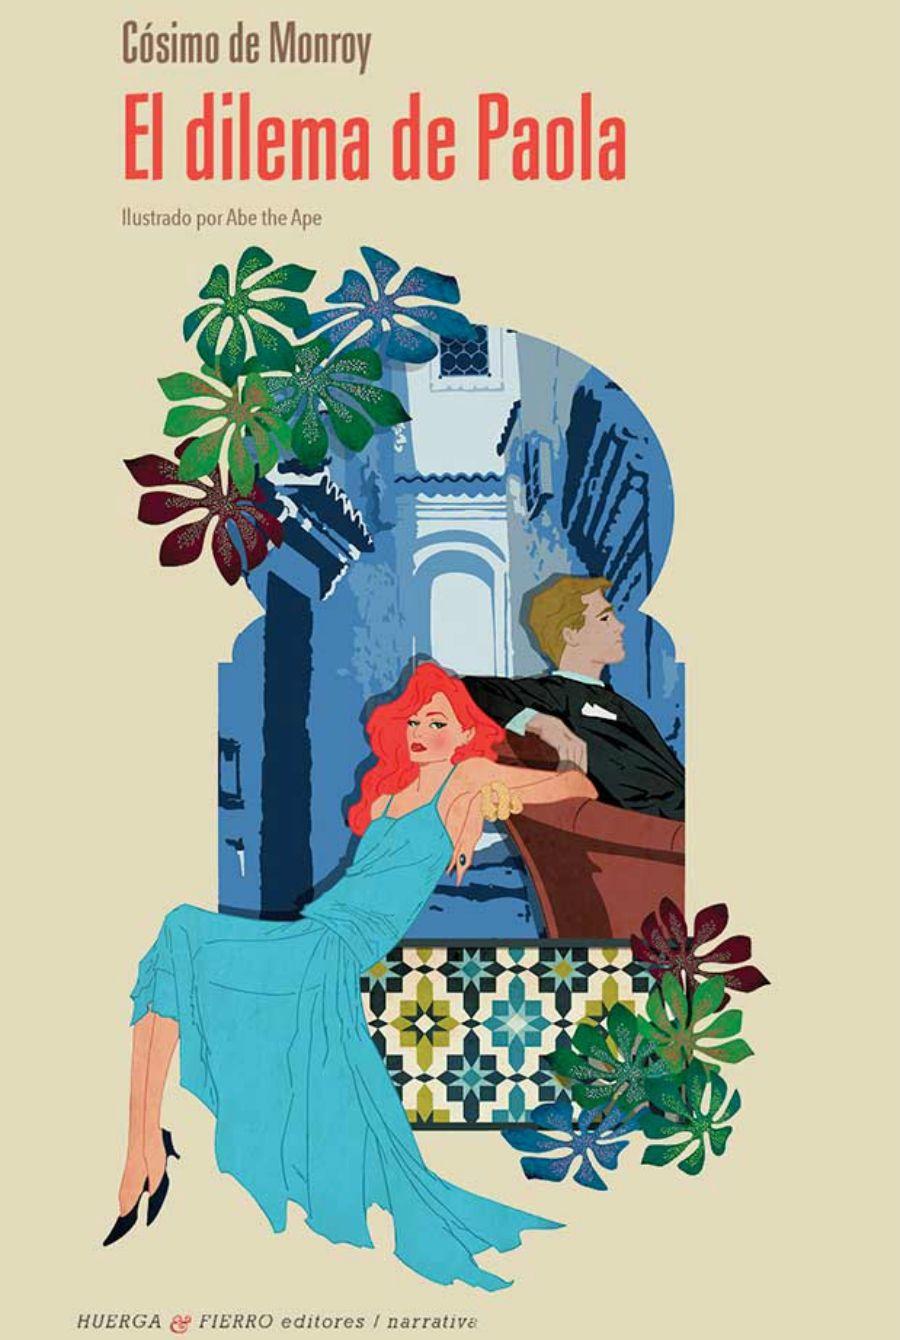 'El dilema de Paola' nos sumerge en el atractivo de la tentación y en la frágil ilusión del éxito. La primera novela de Cósimo de Monroy, que se bebe como un cóctel.